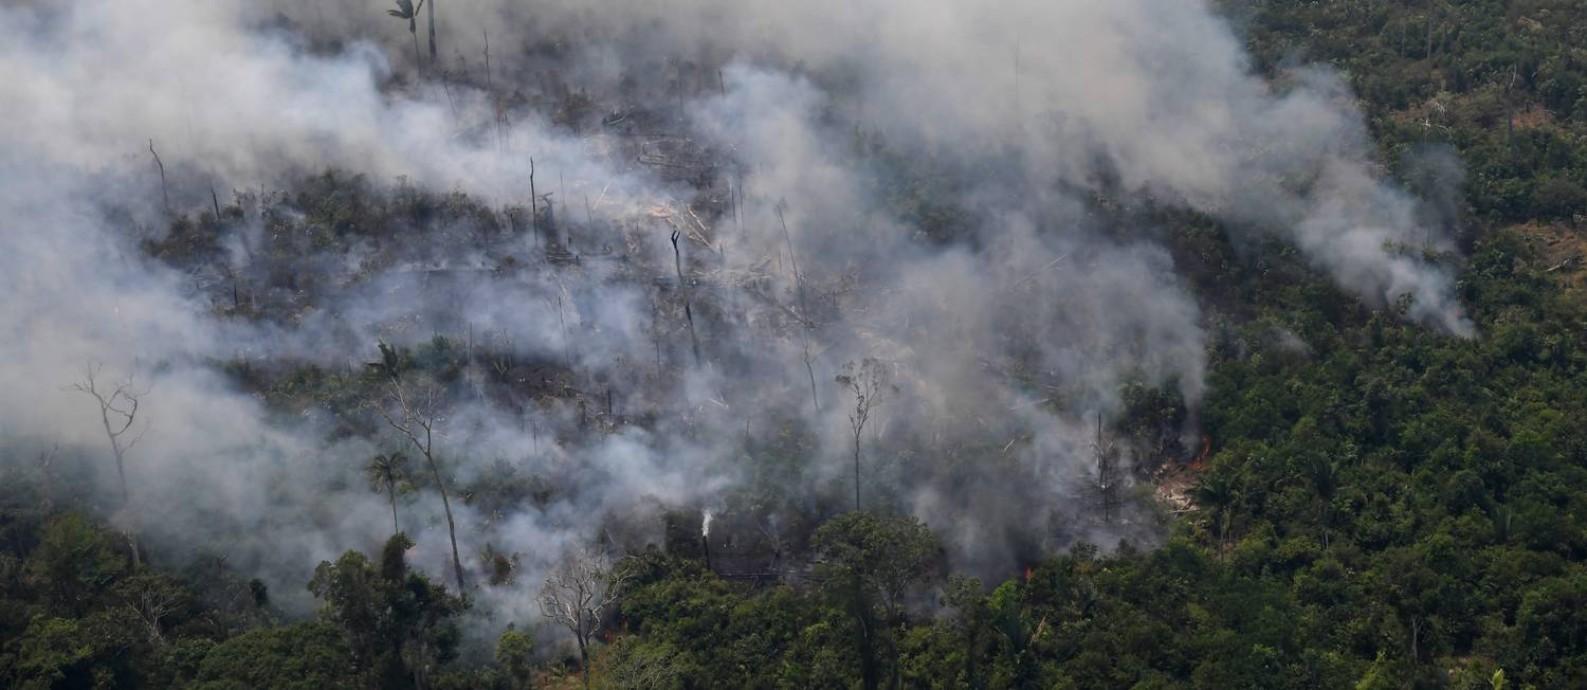 Incêndio em trecho da floresta amazônica situado a 65 quilômetros de Porto Velho, em Rondônia. Foto: CARL DE SOUZA / AFP